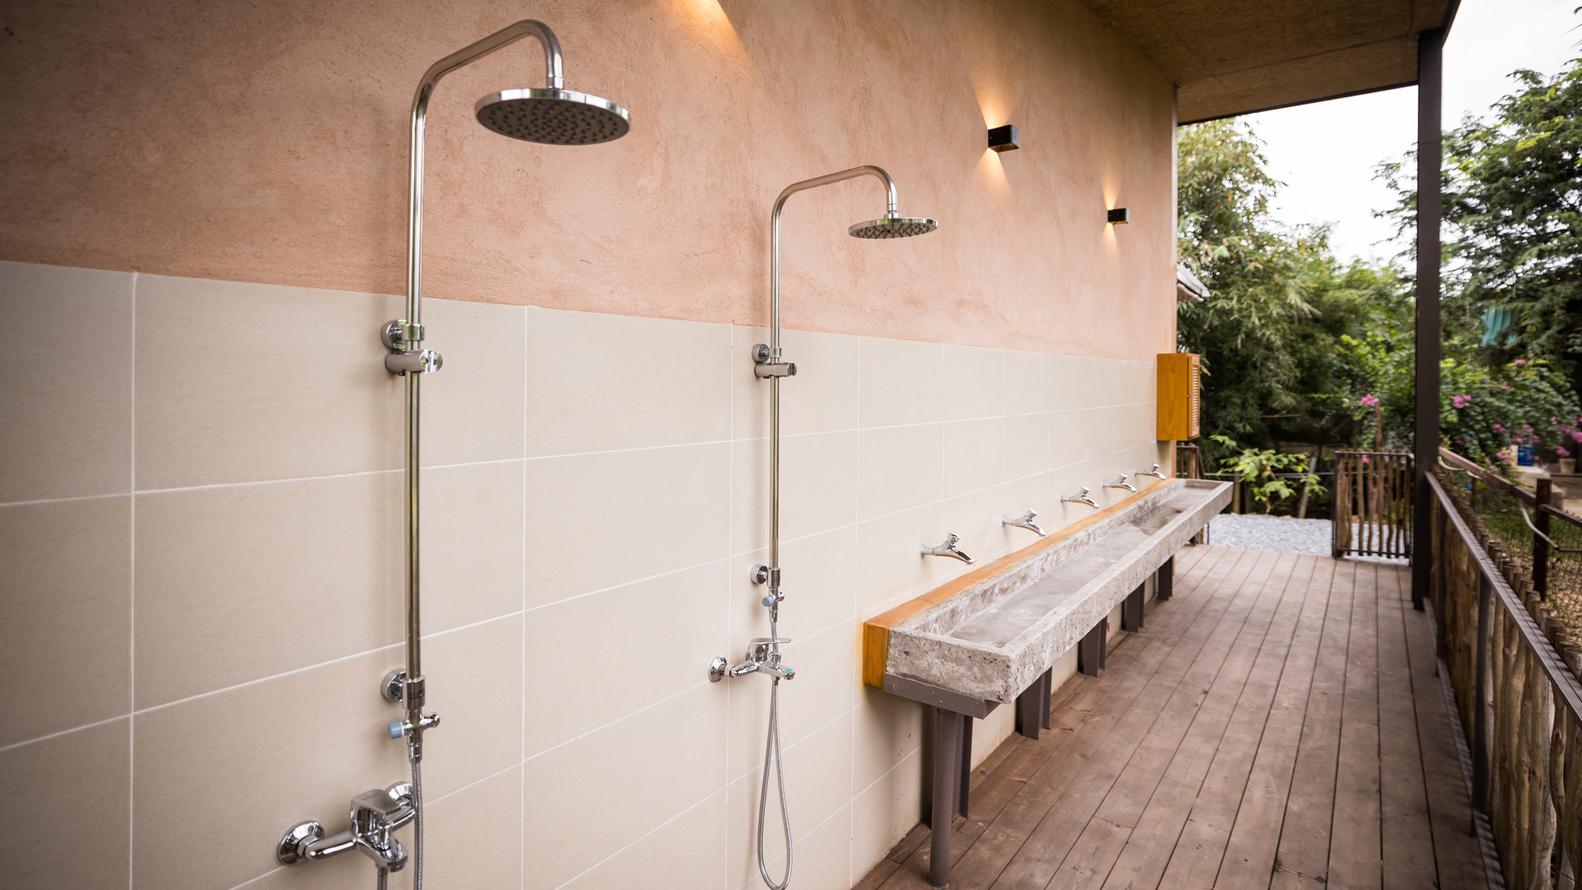 hình ảnh cận cảnh nhà vệ sinh với vòi sen trên cao, bồn rửa dài